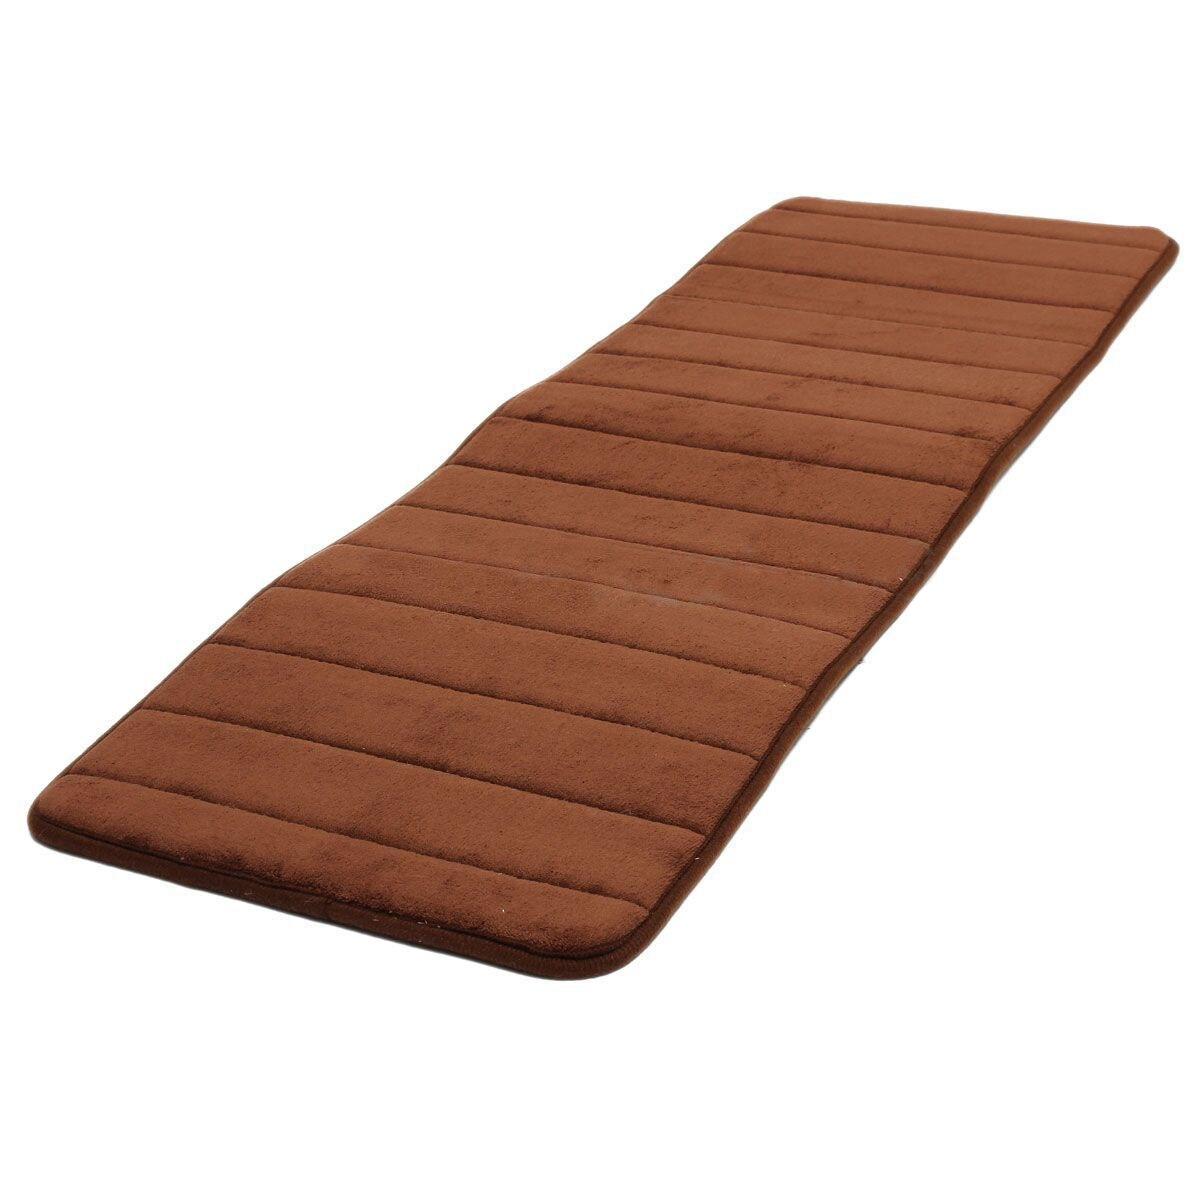 120x40cm Absorbent Nonslip Memory Foam Kitchen Bedroom Door Floor Mat Rug Carpet Coffee